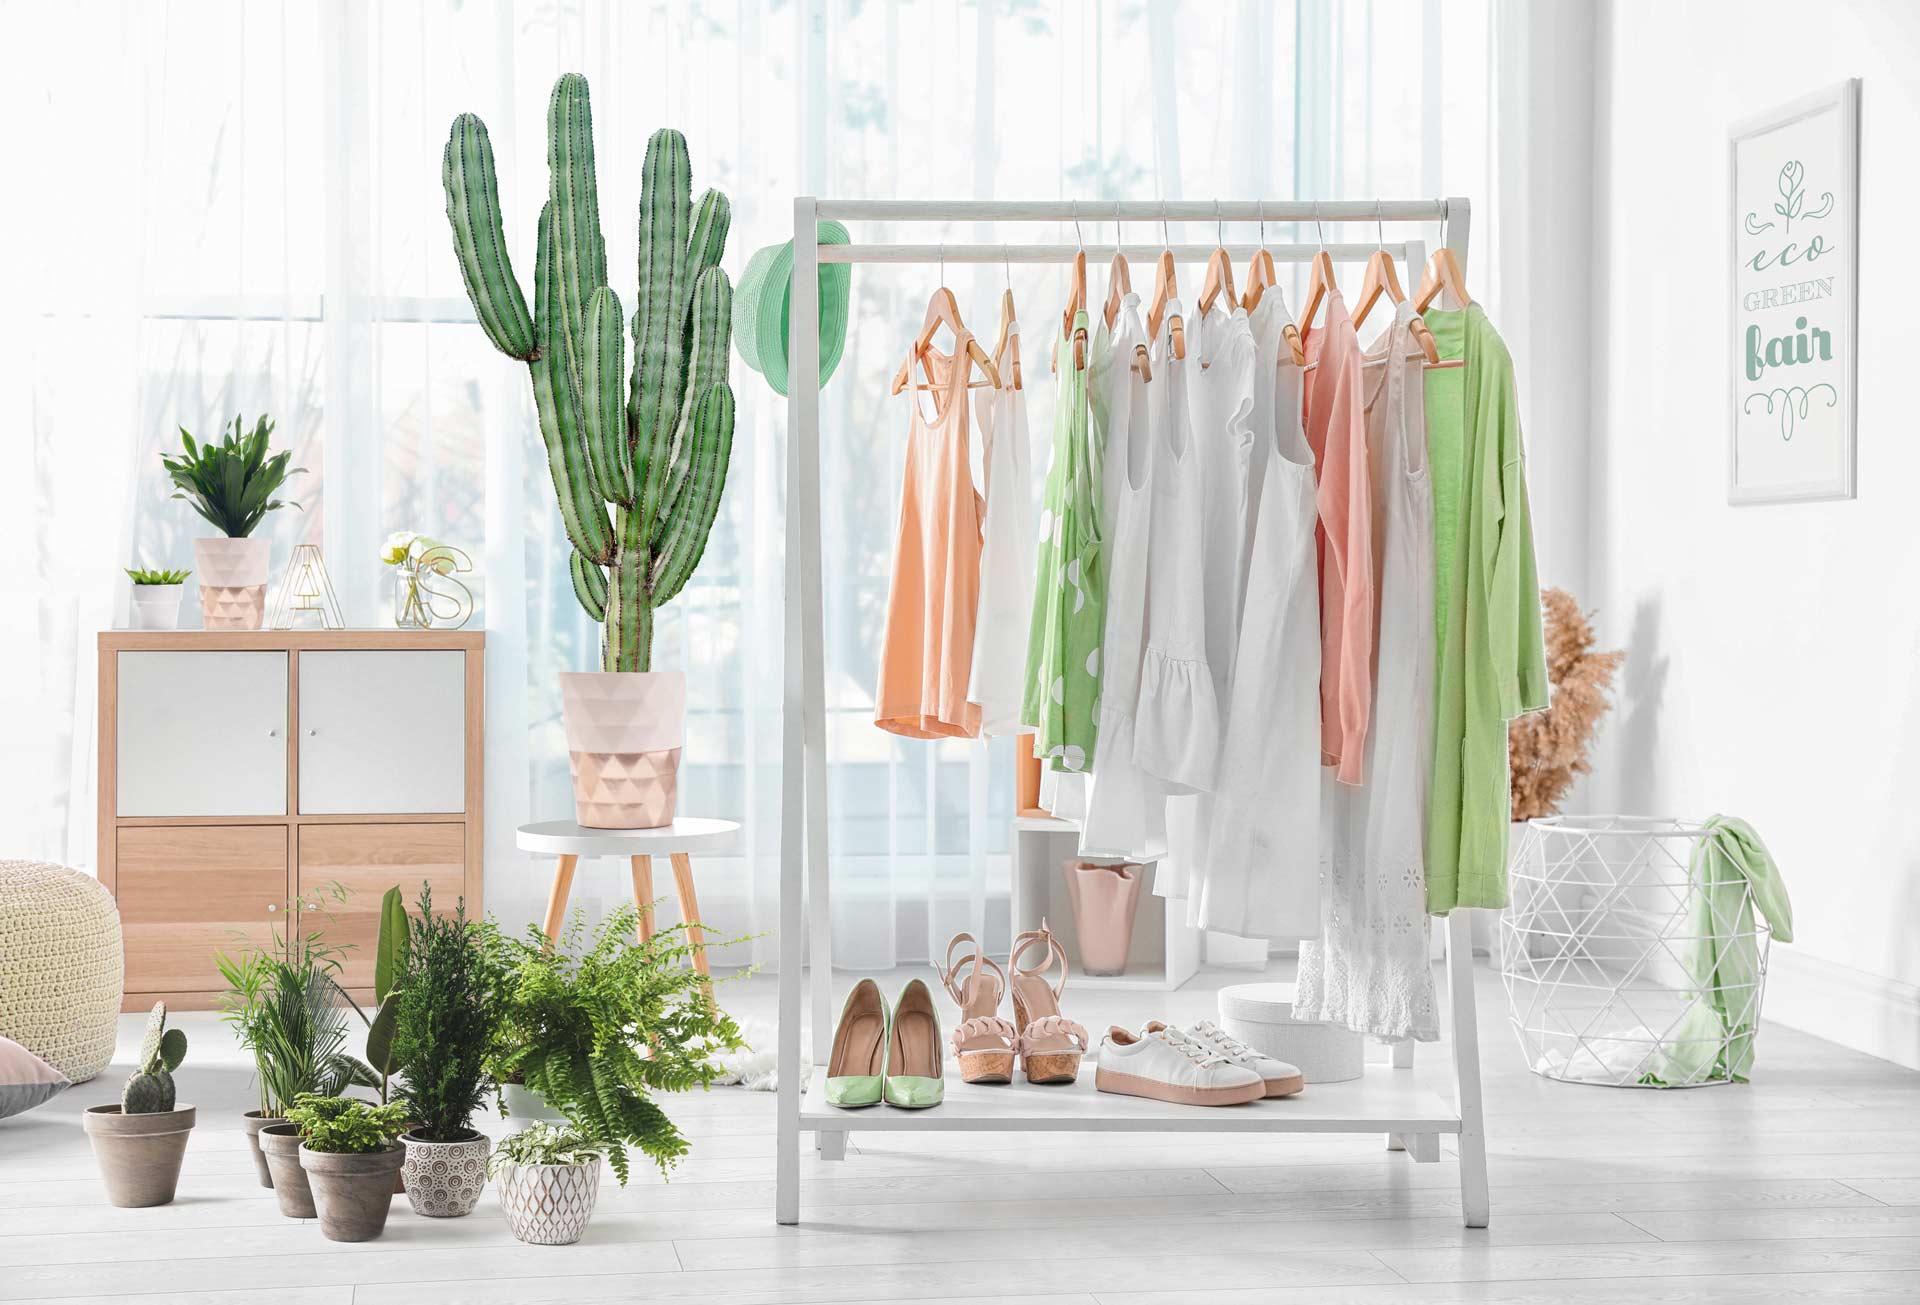 Guardaroba sostenibile di brand della moda sostenibile ed etica